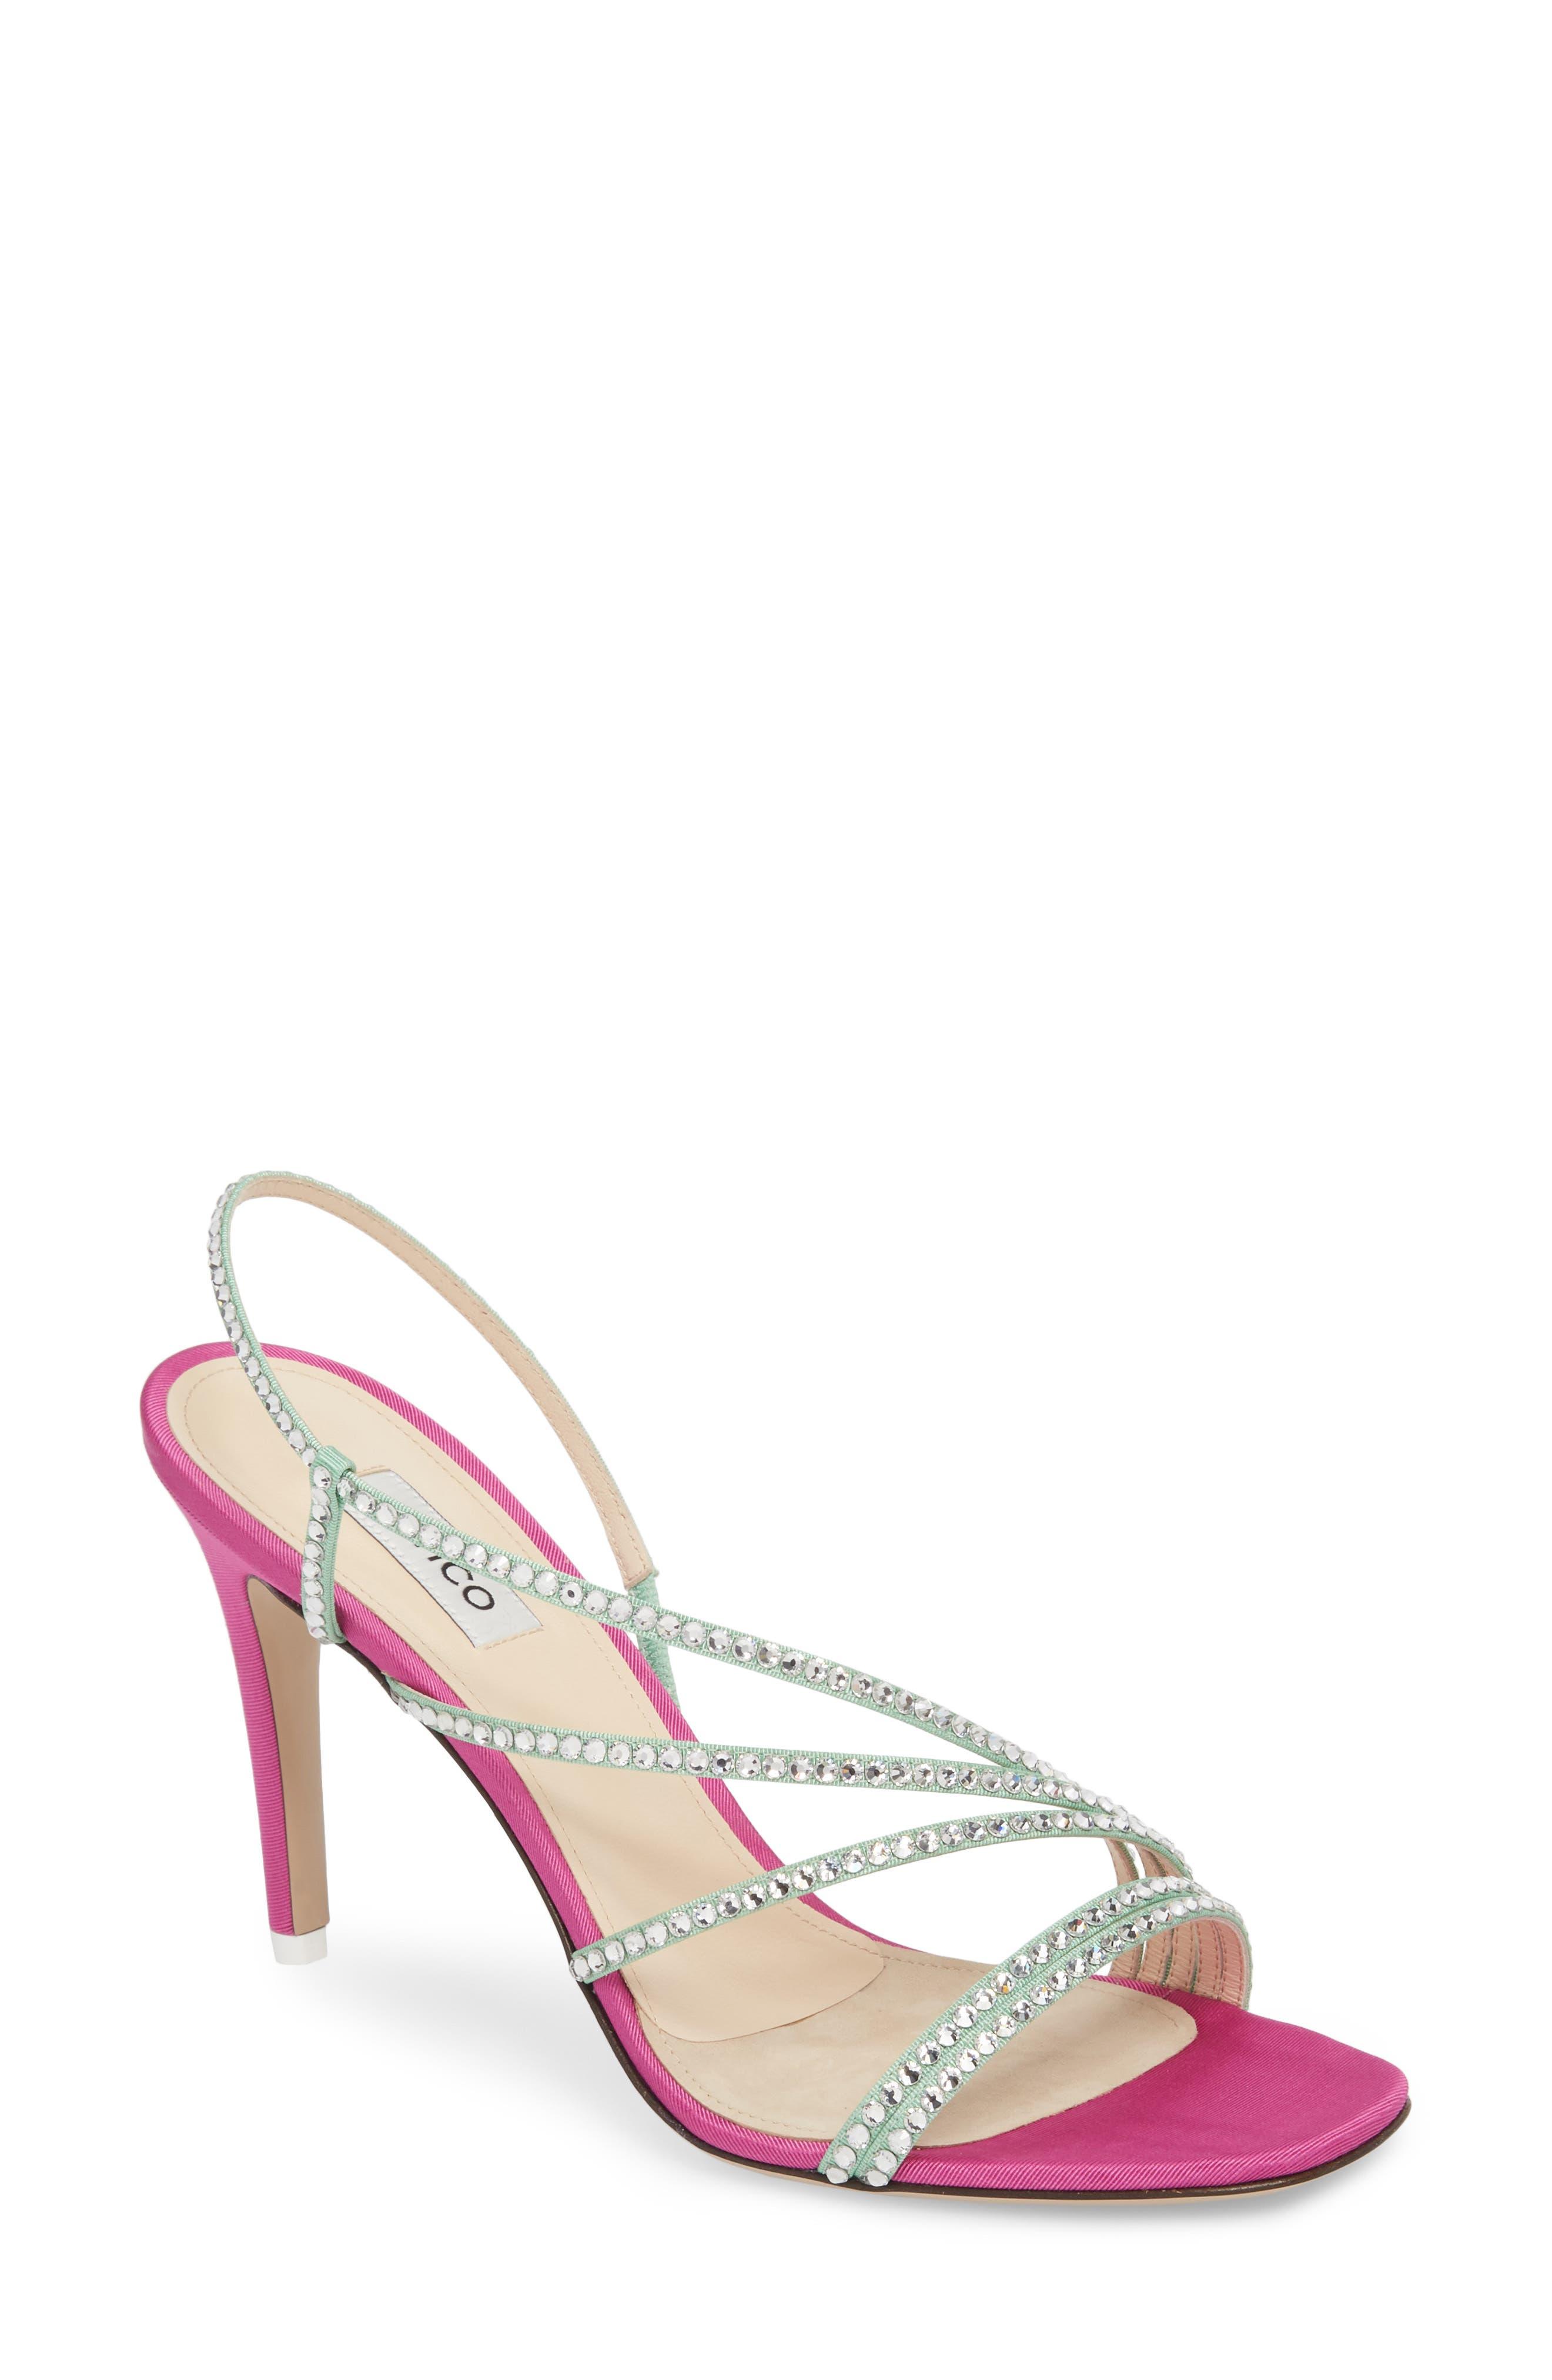 ATTICO Crystal Strappy Sandals J7Zfmq